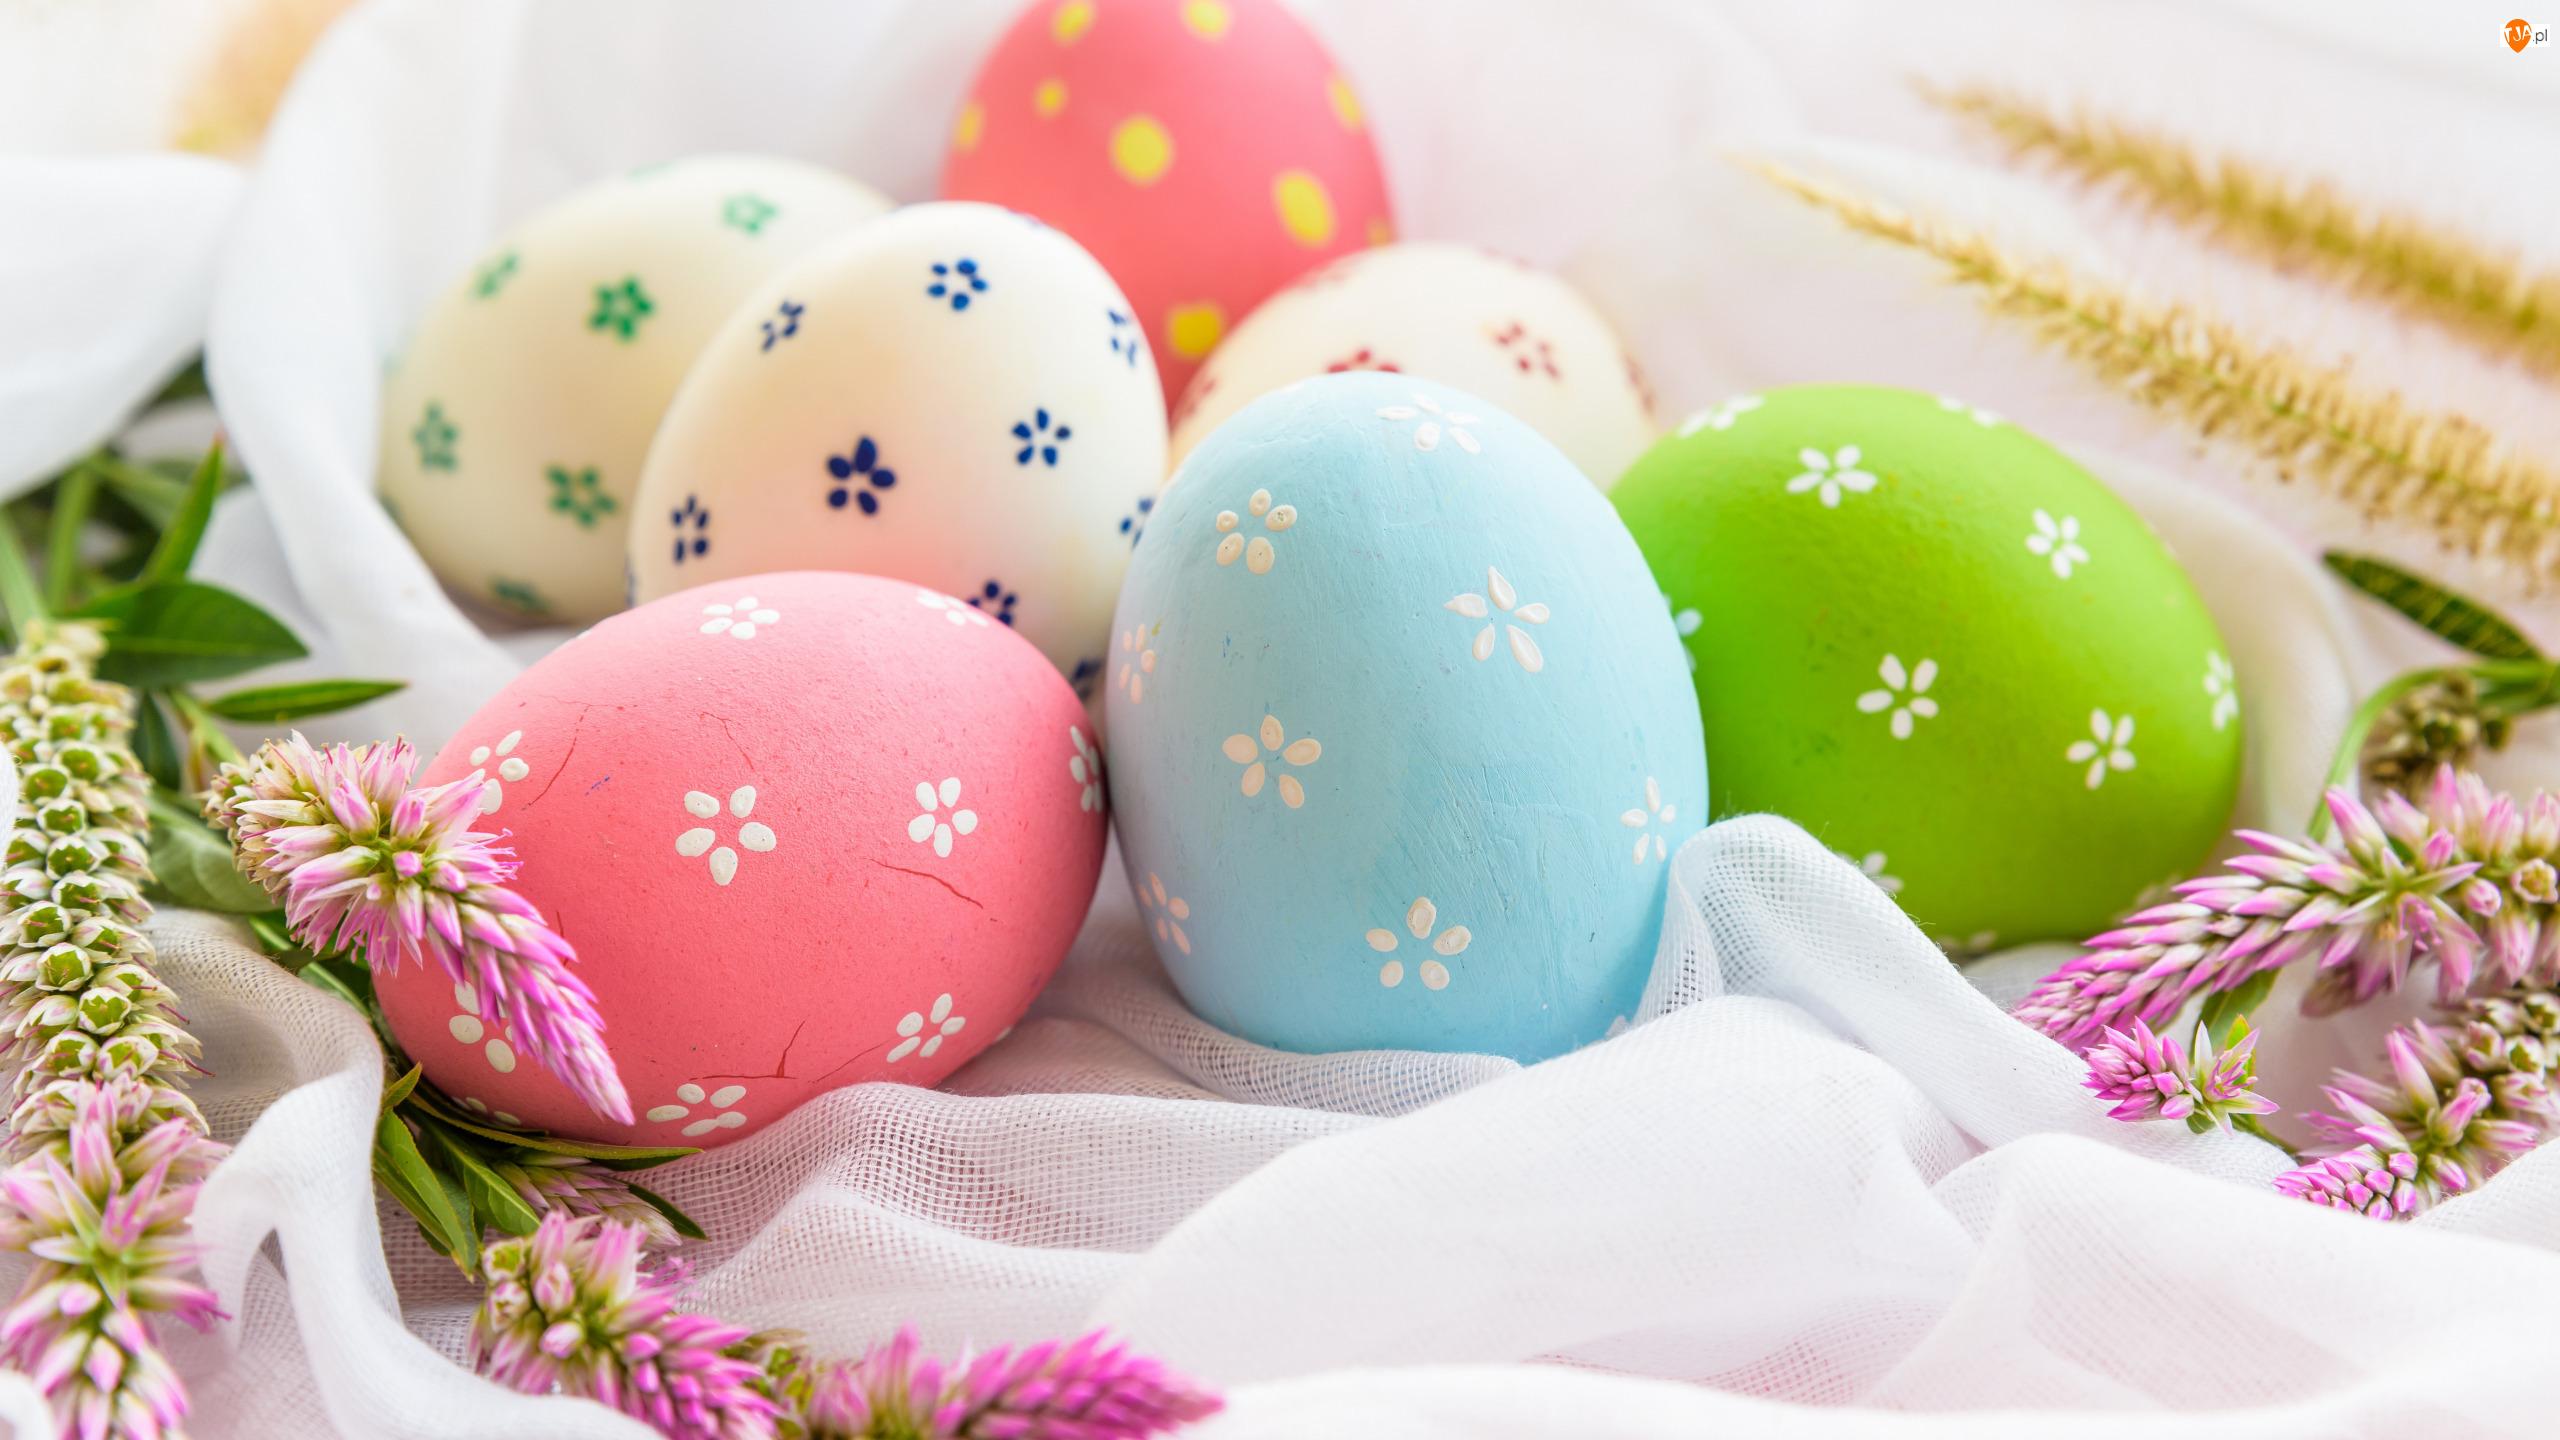 Pisanki, Tkanina, Kolorowe, Wielkanoc, Kwiaty